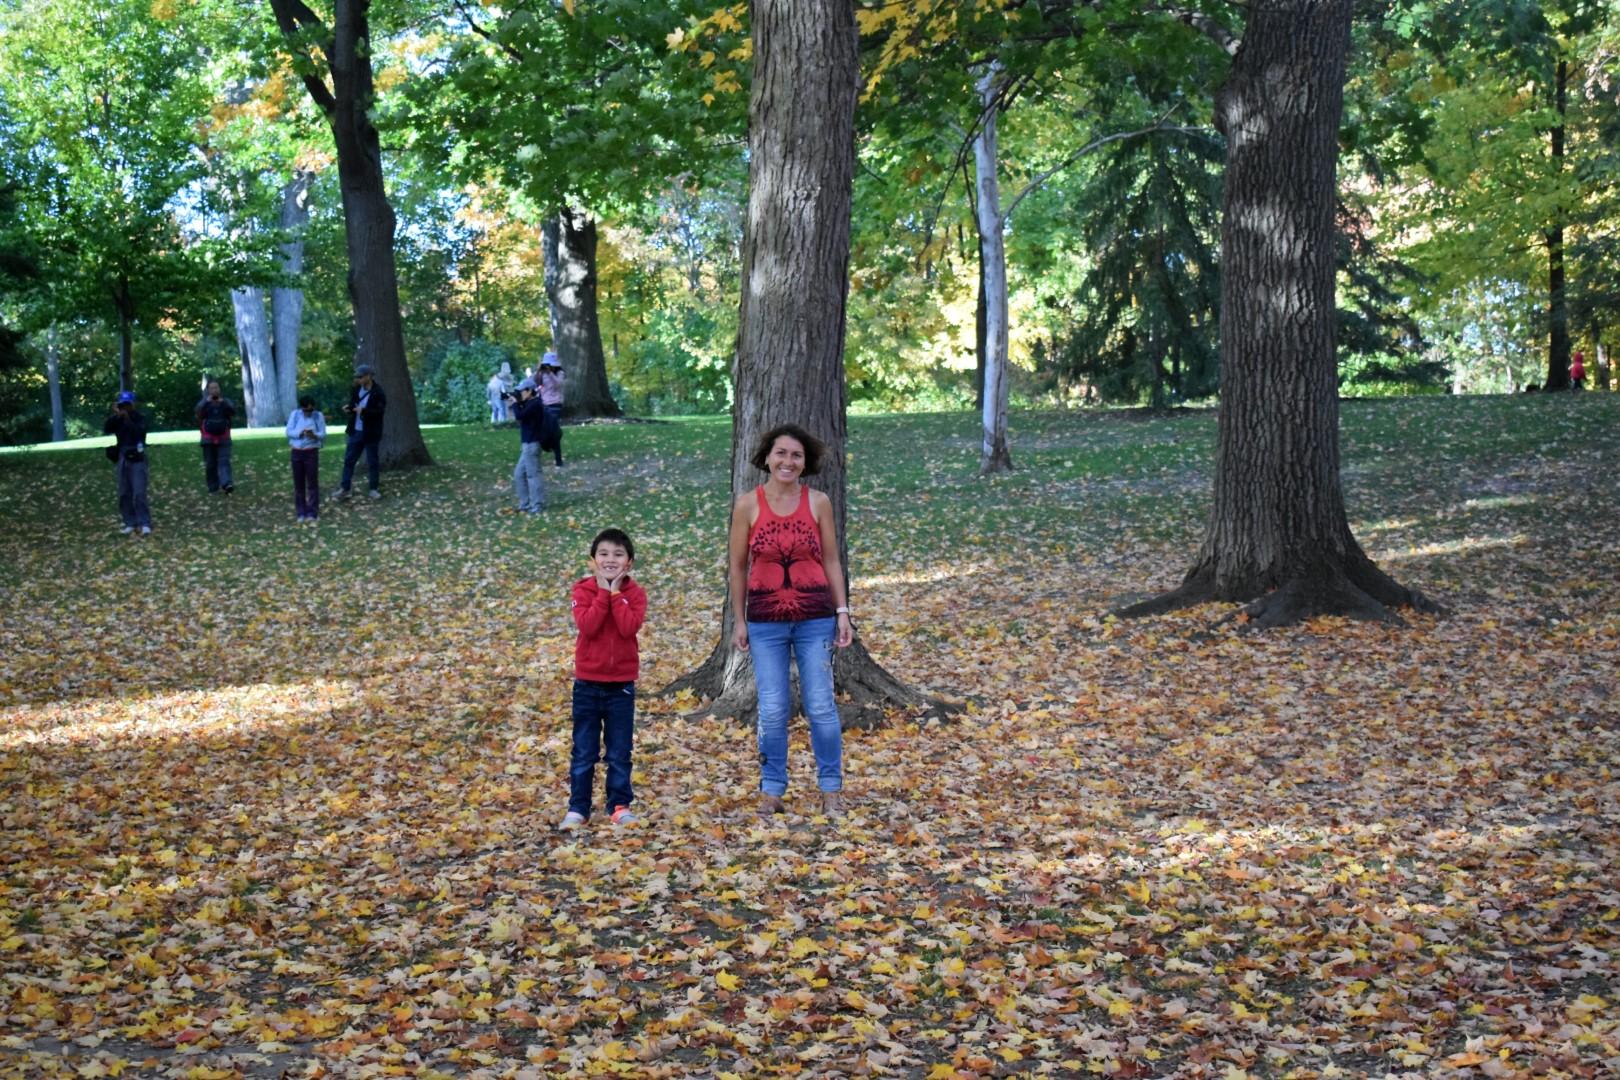 2019 fall colours at Rideau Hall, Ottawa